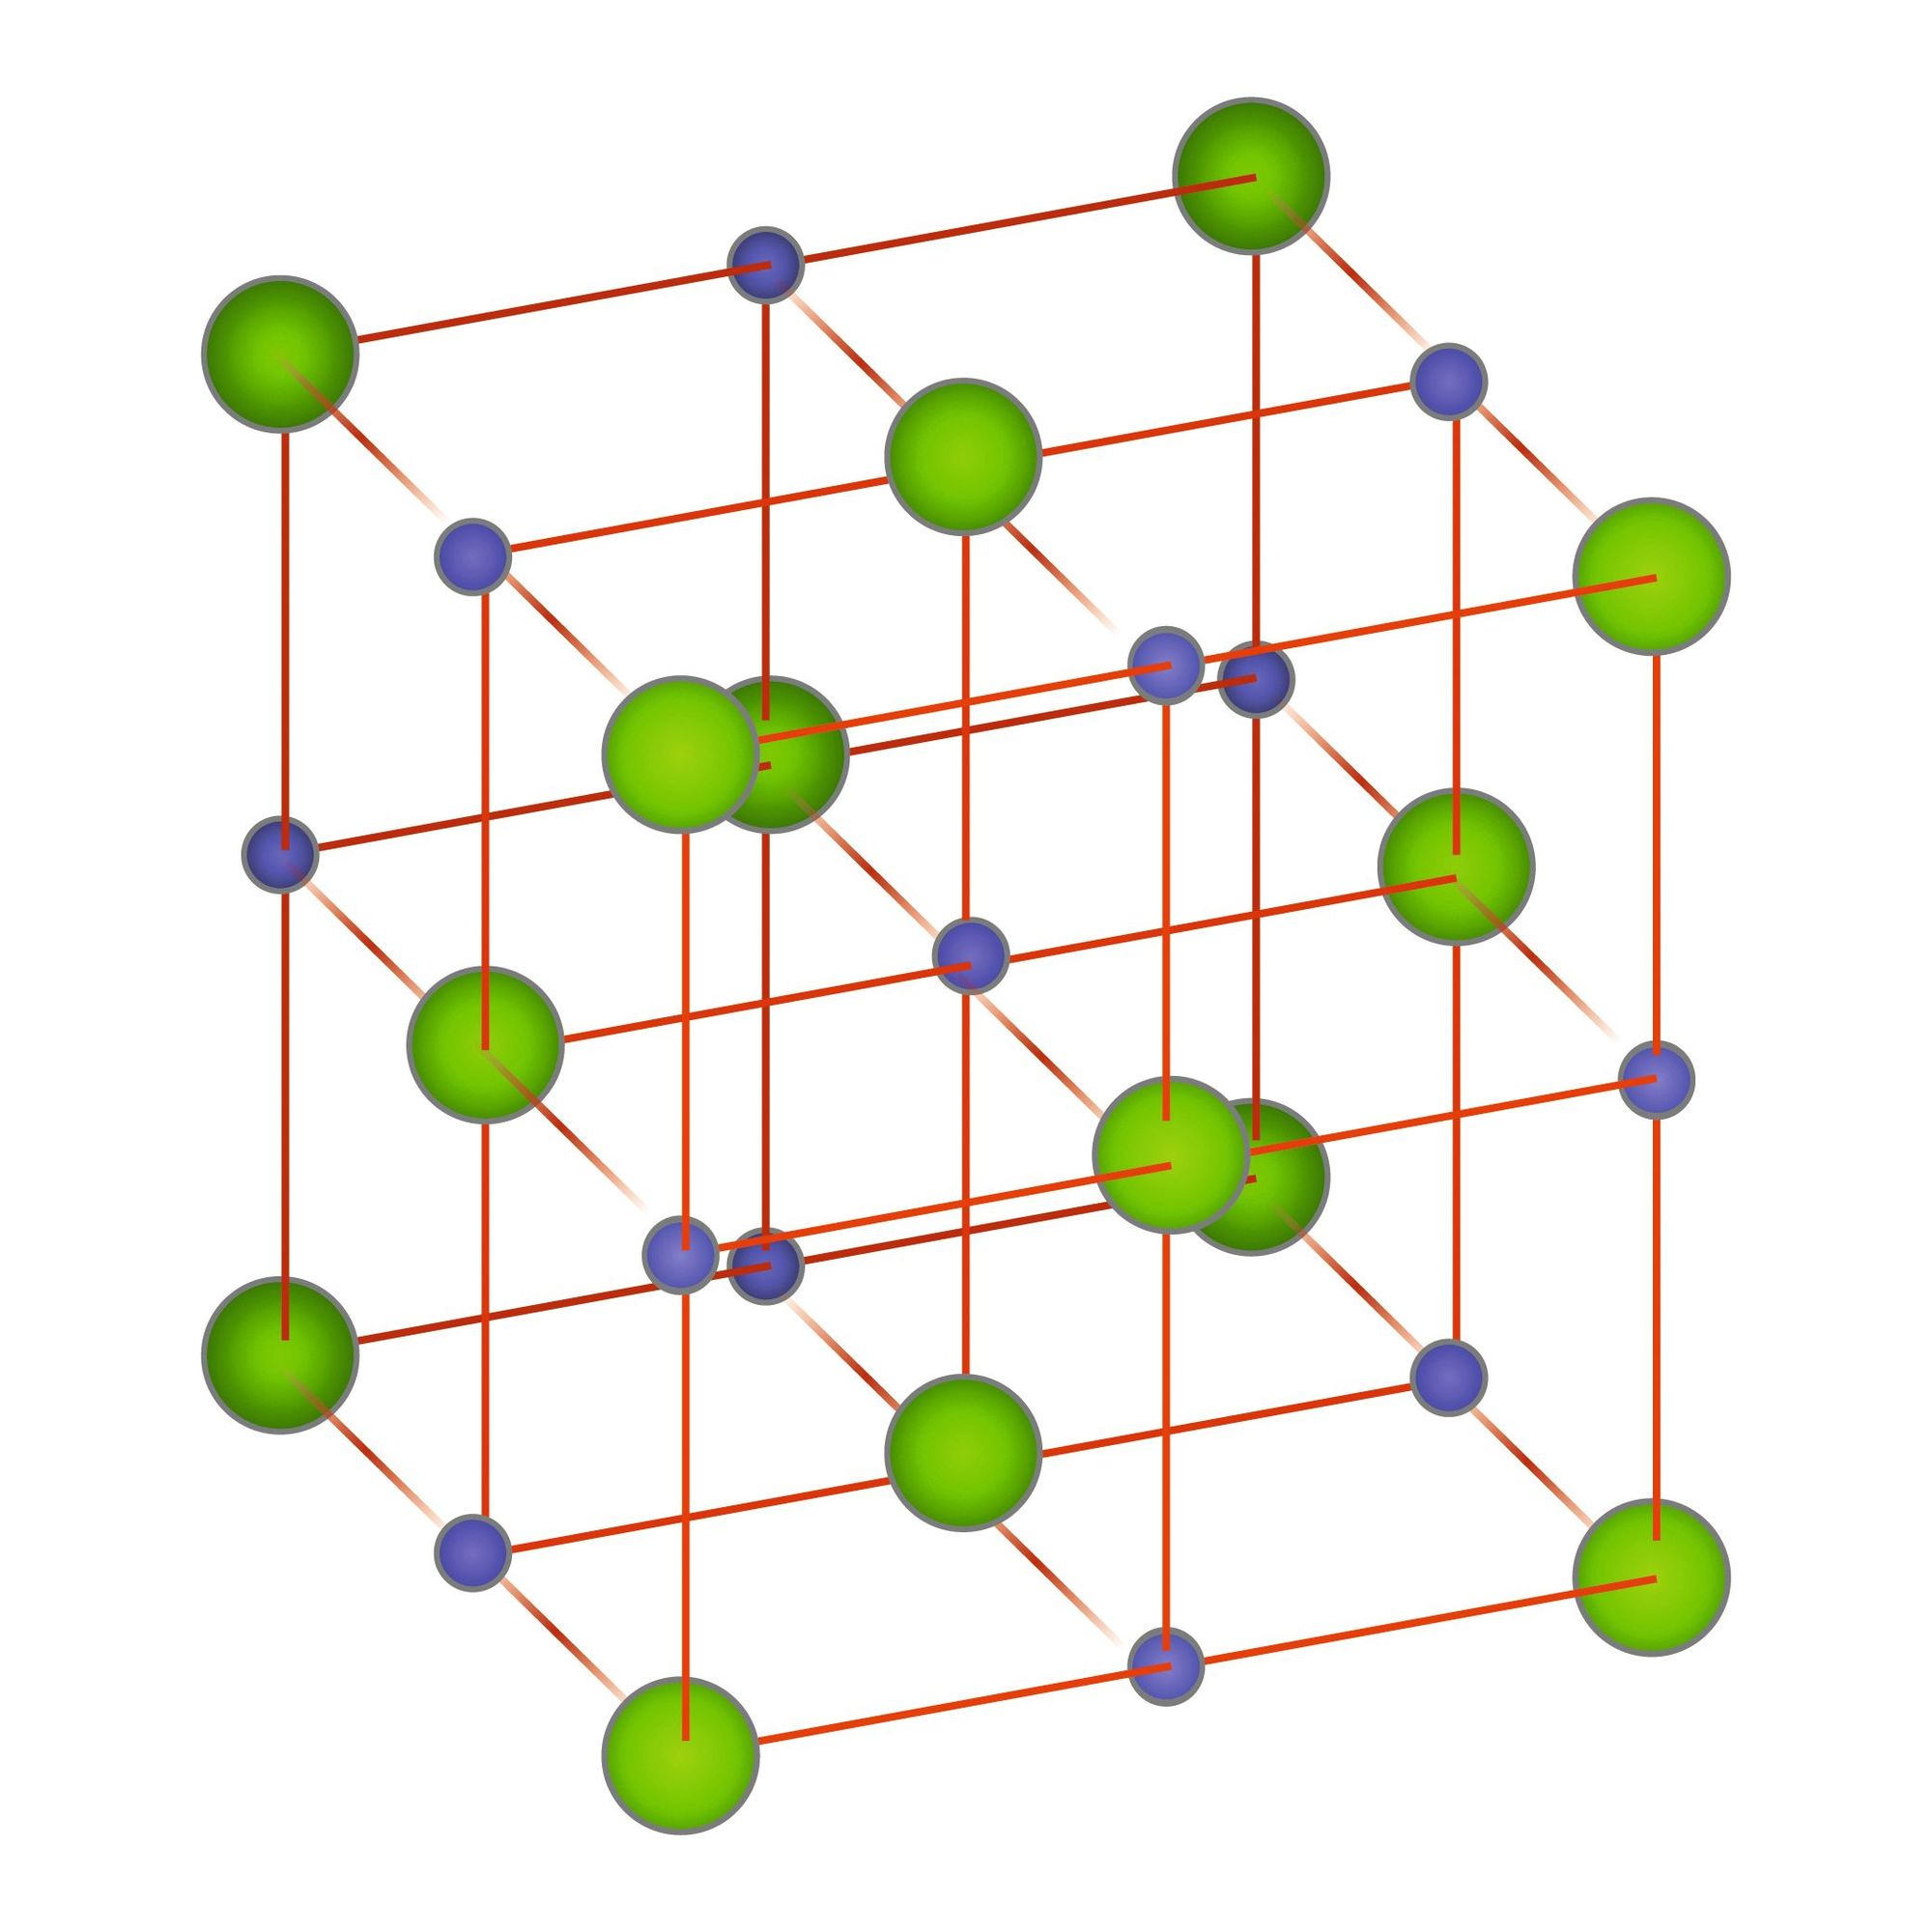 Le cristal de chlorure de sodium